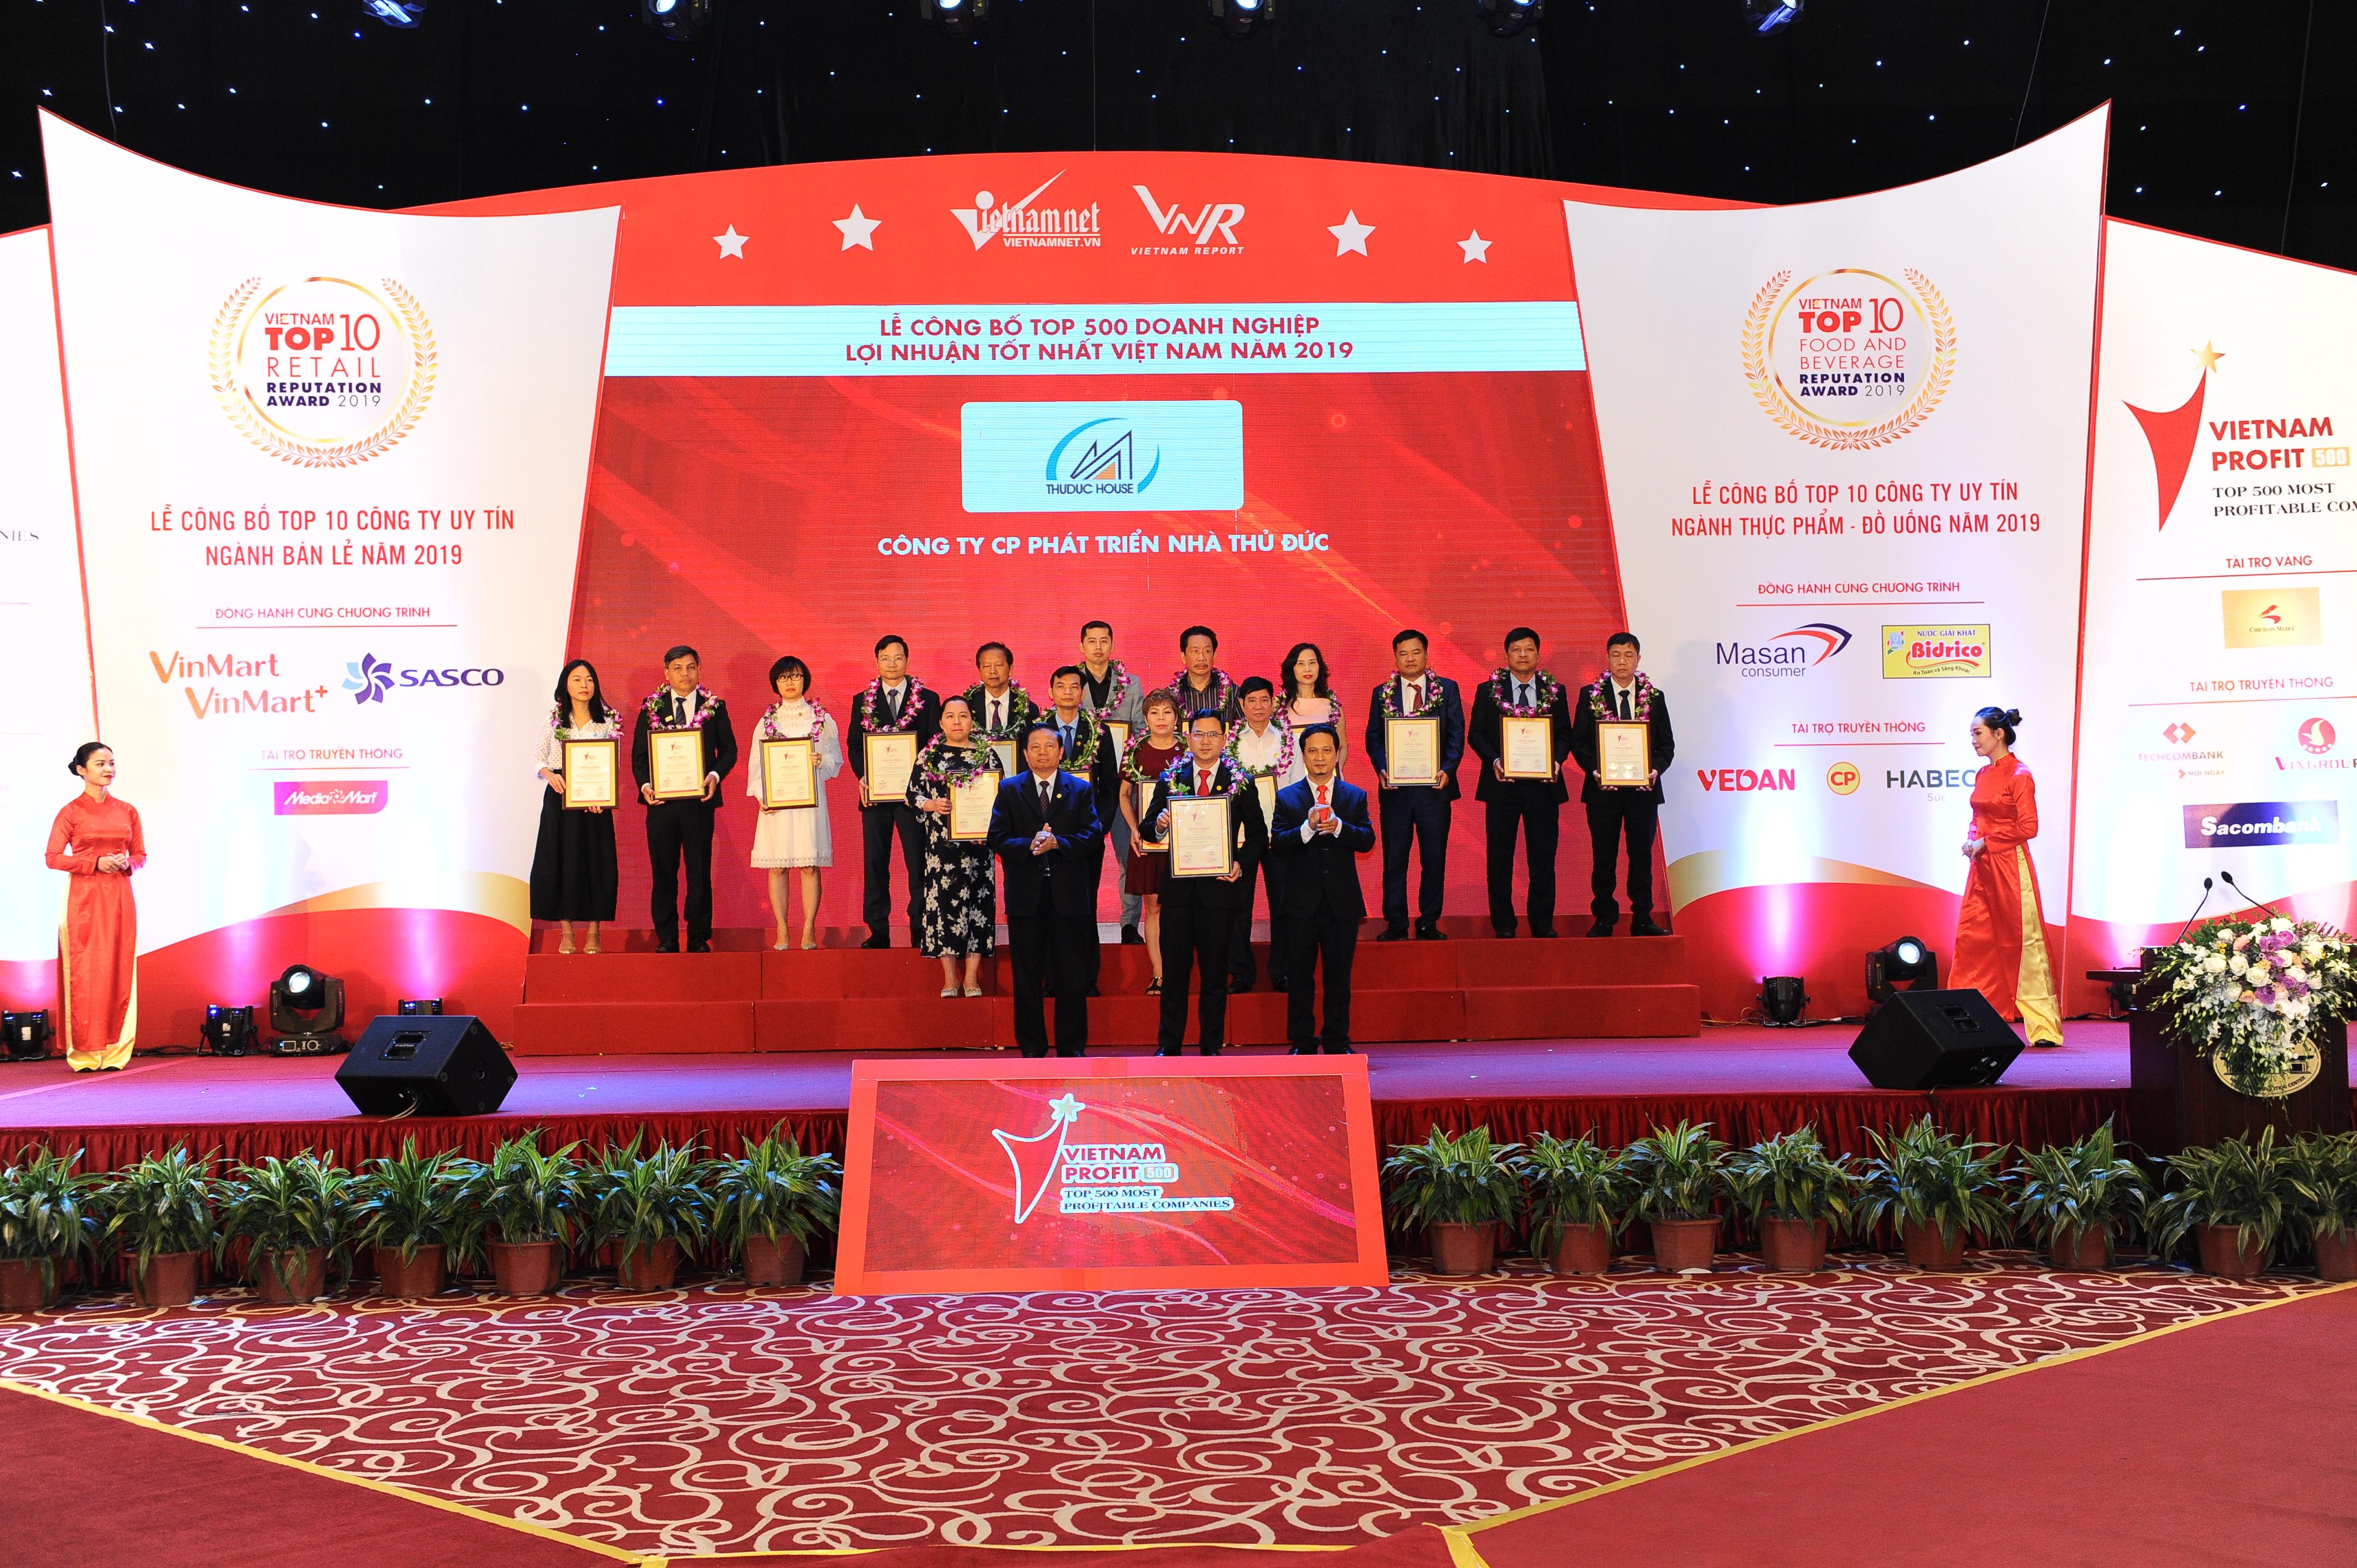 """Thuduc House vinh dự nhận danh hiệu:""""Top 500 Doanh nghiệp lợi nhuận tốt nhất Việt Nam"""""""